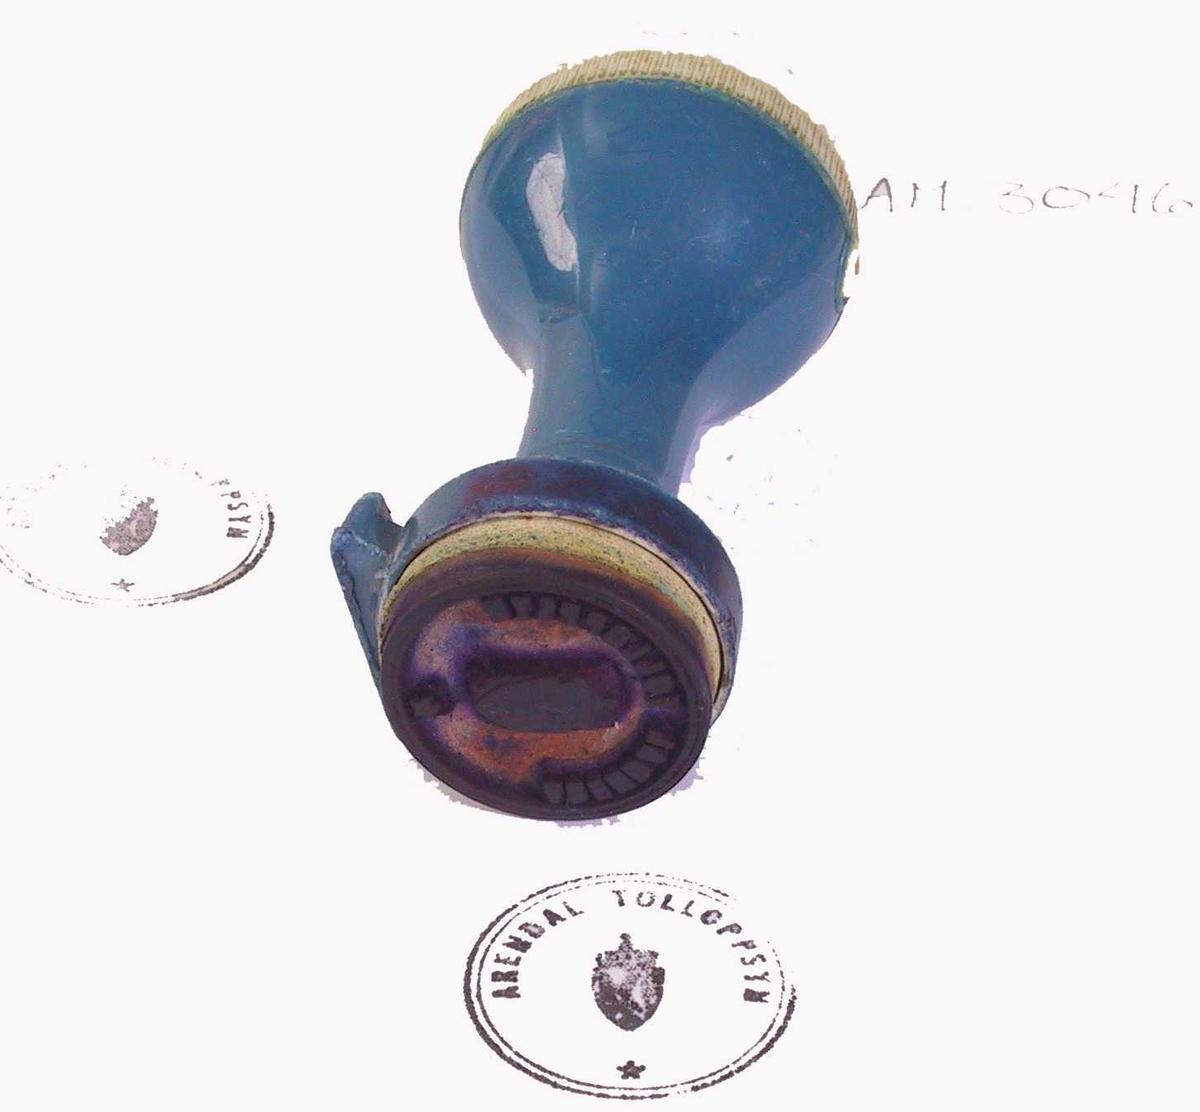 Form: Nesten kuleformet håndtak med lite, flatt parti øverst og smal hals, ender i sirkelformet stempelflate.